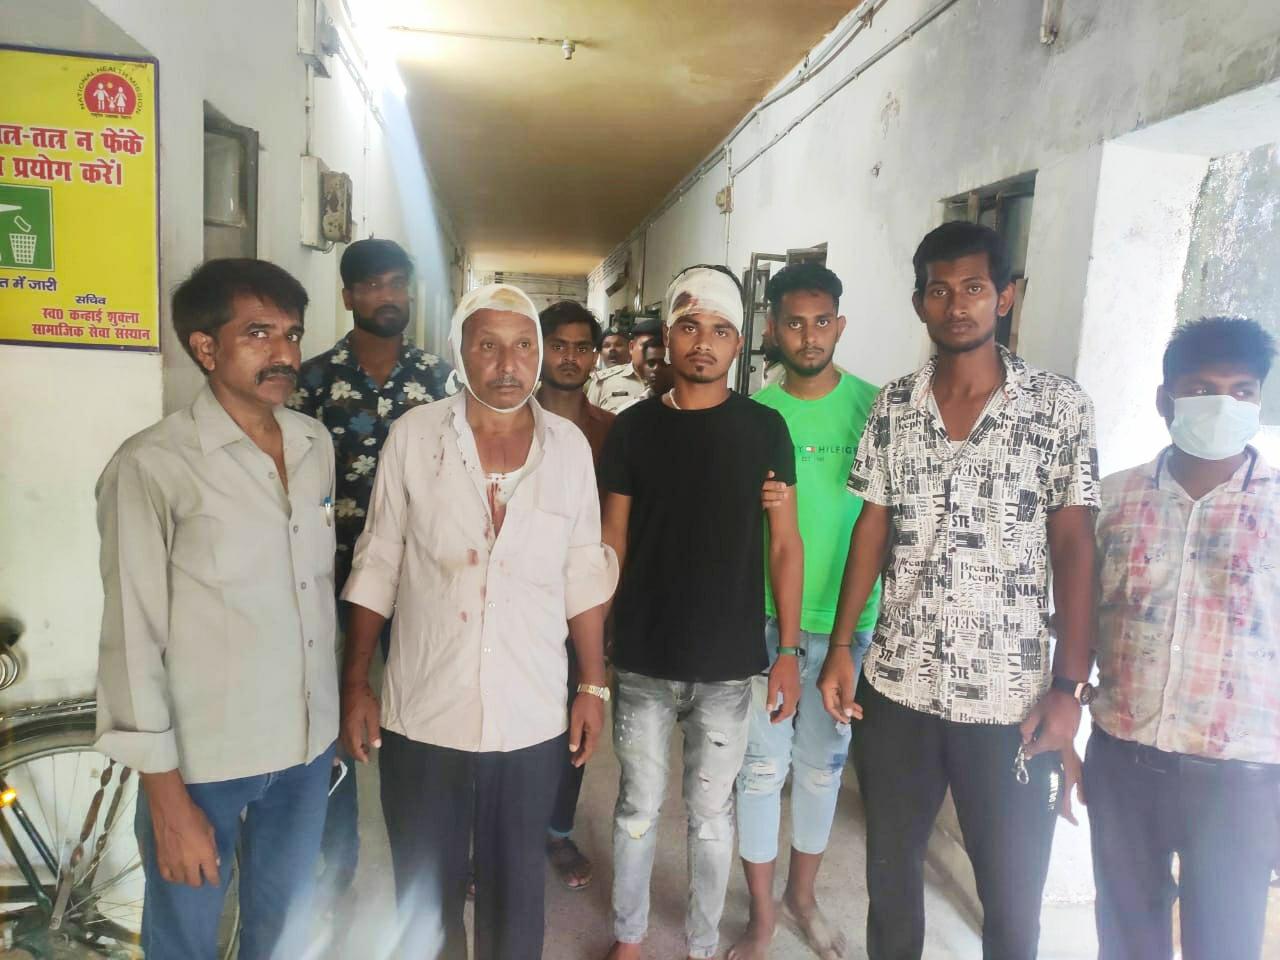 समस्तीपुर में अलतलहा फैशन पर भीड़ हमले की जांच कर आरोपियों को गिरफ्तार करे पुलिस- सुरेन्द्र।